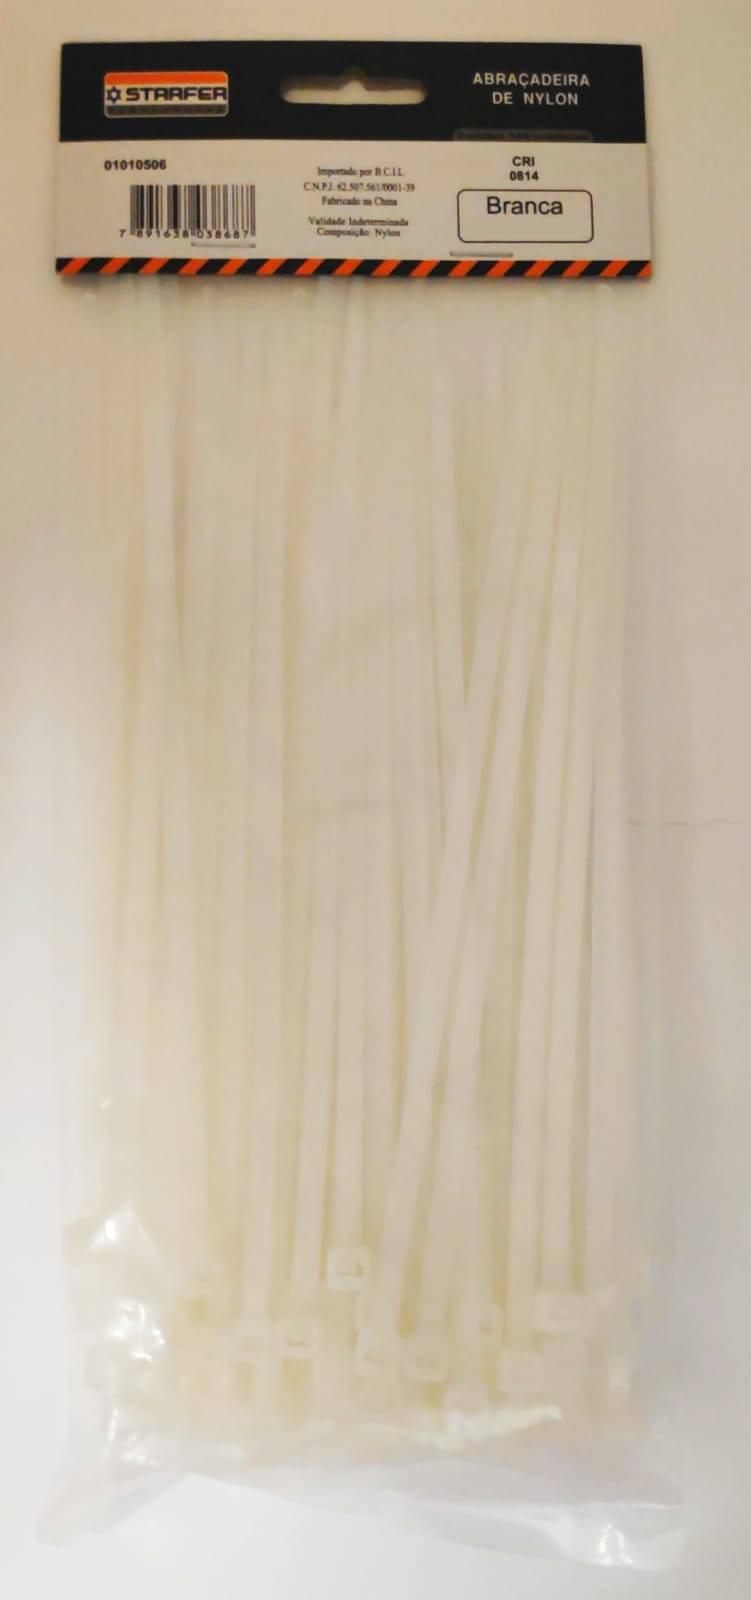 Abraçadeira de Nylon Branca 390mmx4,8mm Com 100 Peças - Starfer